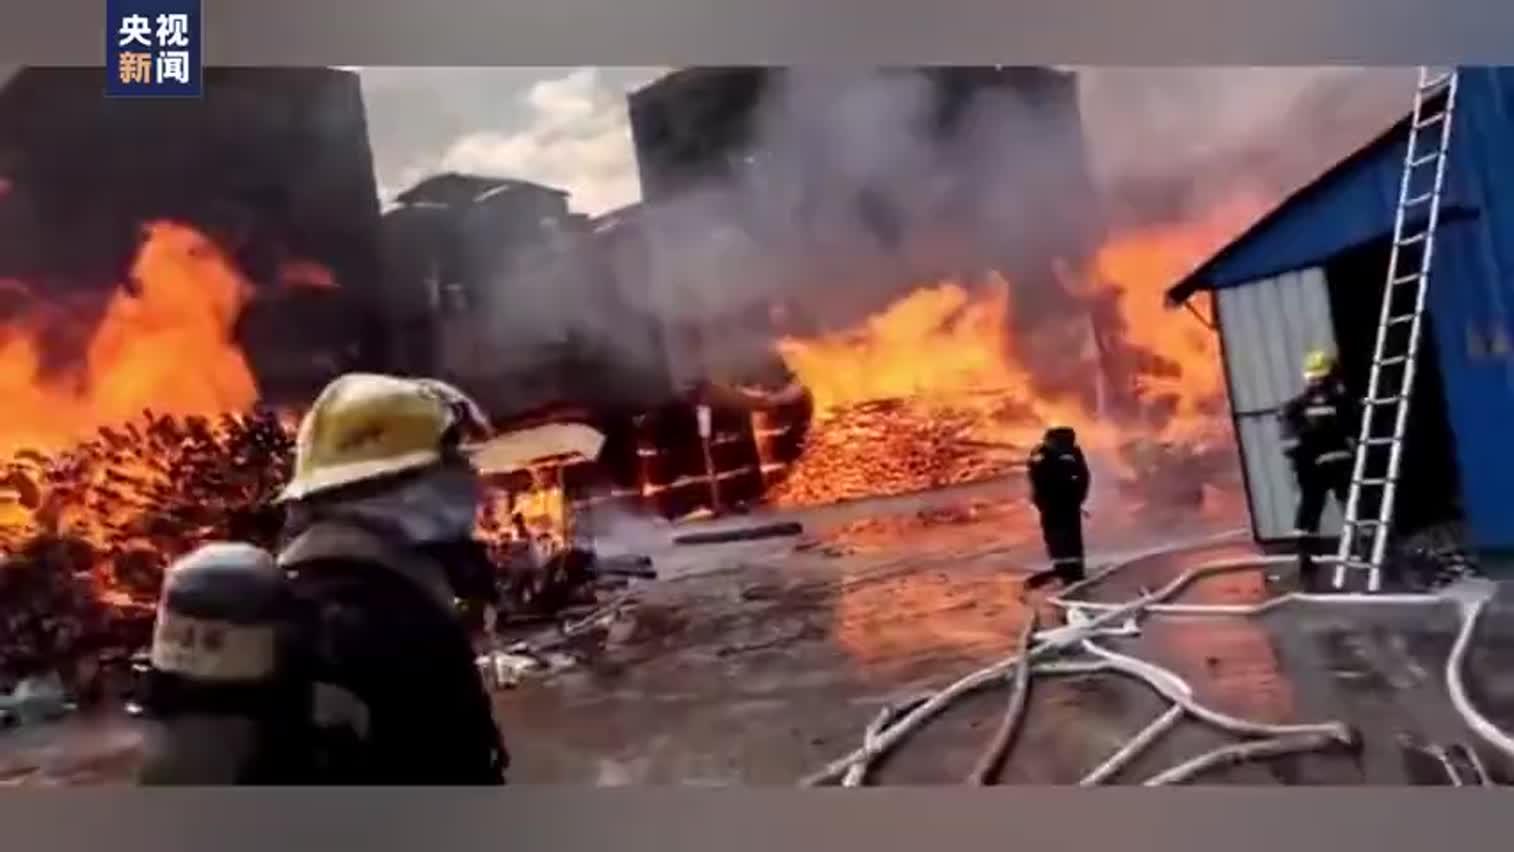 视频-广东清远木材厂起火:火势蔓延至居民楼 现场